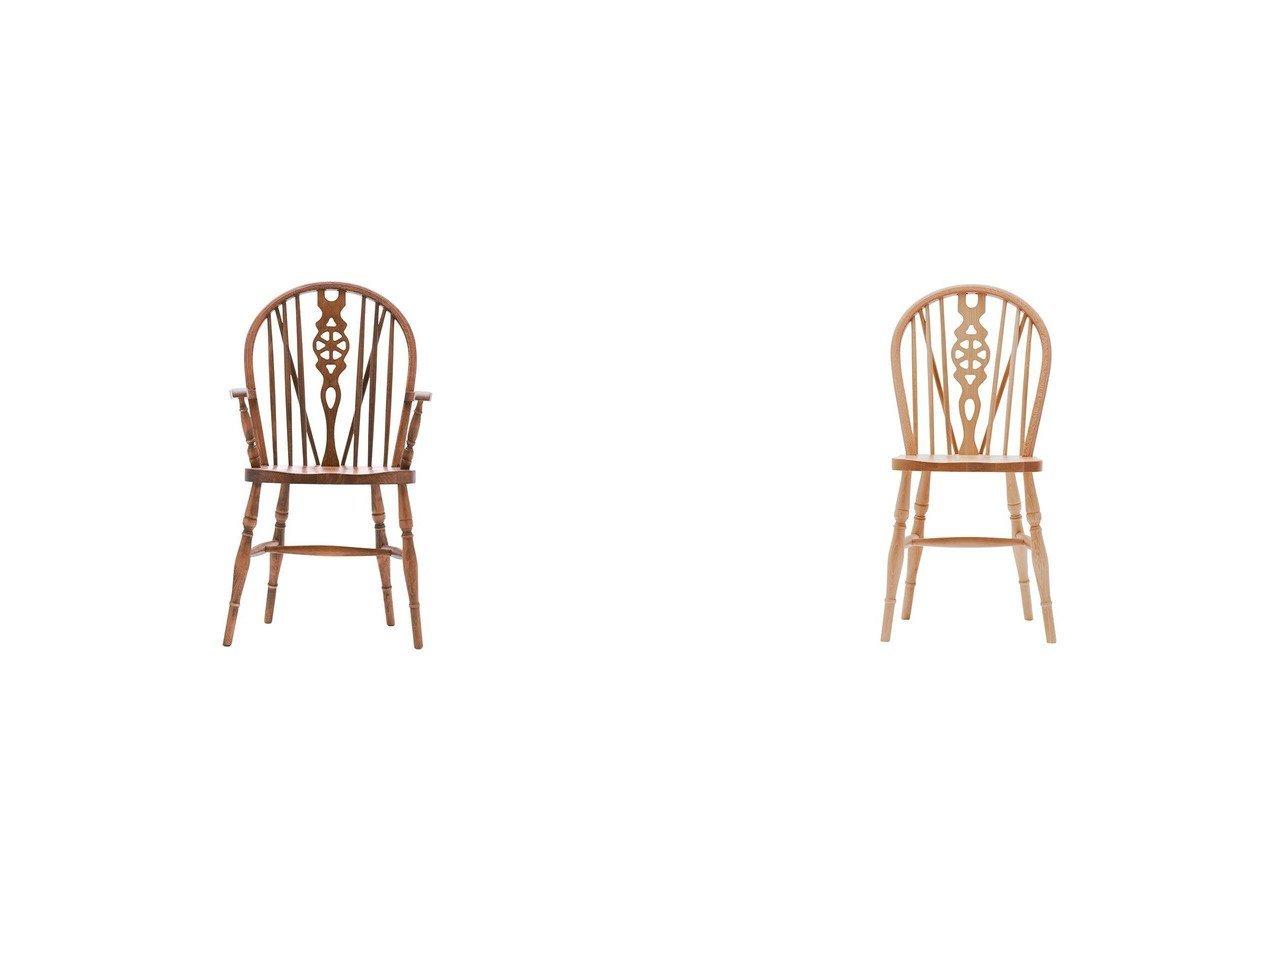 【FLYMEe Parlor/フライミーパーラー】のチェア n26186&アームチェア n26188 【FURNITURE】おすすめ!人気、インテリア雑貨・家具の通販 おすすめで人気の流行・トレンド、ファッションの通販商品 インテリア・家具・メンズファッション・キッズファッション・レディースファッション・服の通販 founy(ファニー) https://founy.com/ 送料無料 Free Shipping アンティーク モチーフ ホーム・キャンプ・アウトドア Home,Garden,Outdoor,Camping Gear 家具・インテリア Furniture チェア・椅子 Chair ダイニングチェア ホーム・キャンプ・アウトドア Home,Garden,Outdoor,Camping Gear 家具・インテリア Furniture チェア・椅子 Chair アームチェア |ID:crp329100000047194